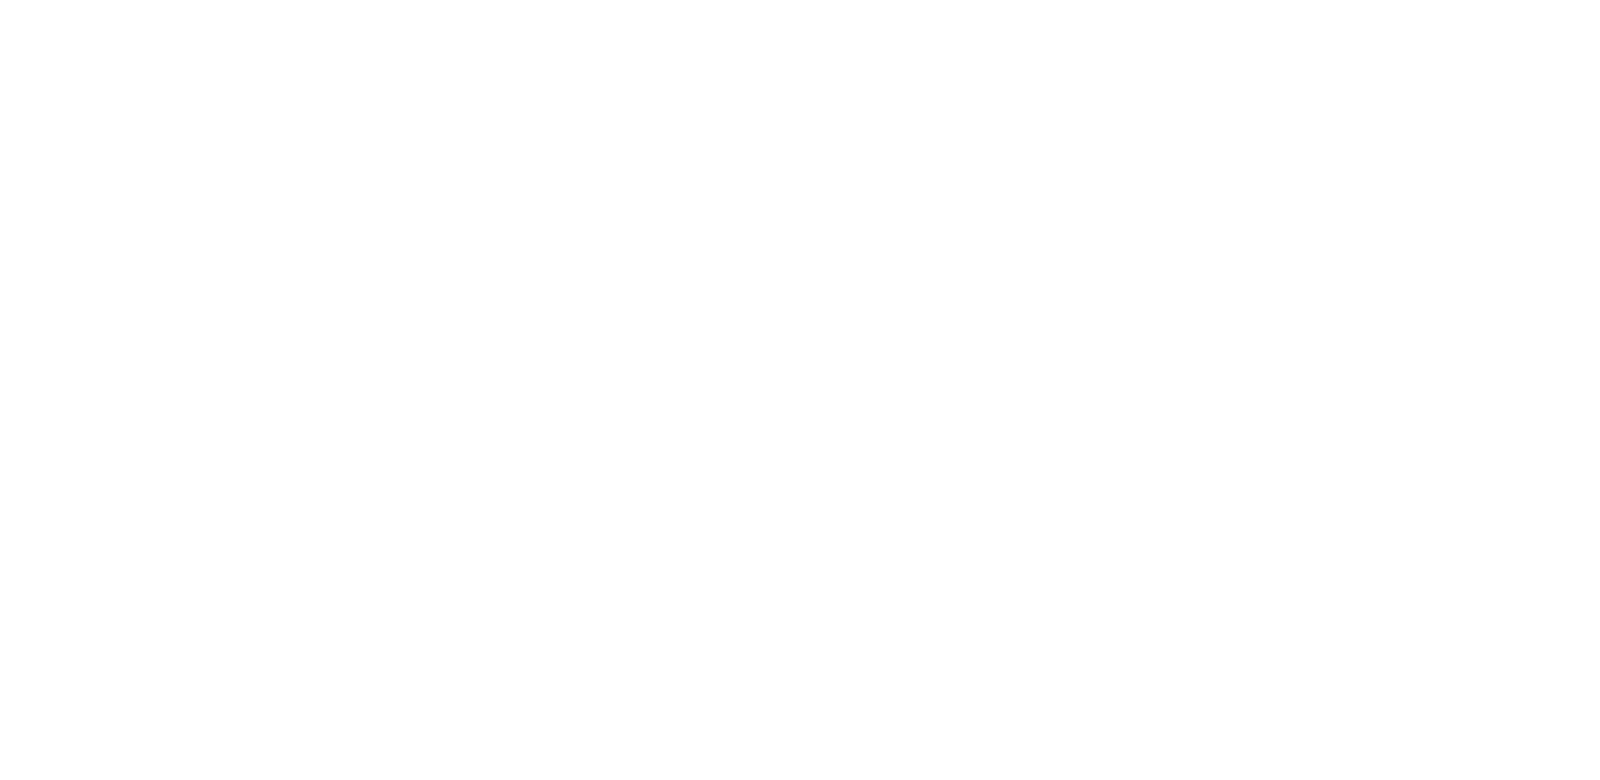 開啟 介紹外約按摩頁面的 icon